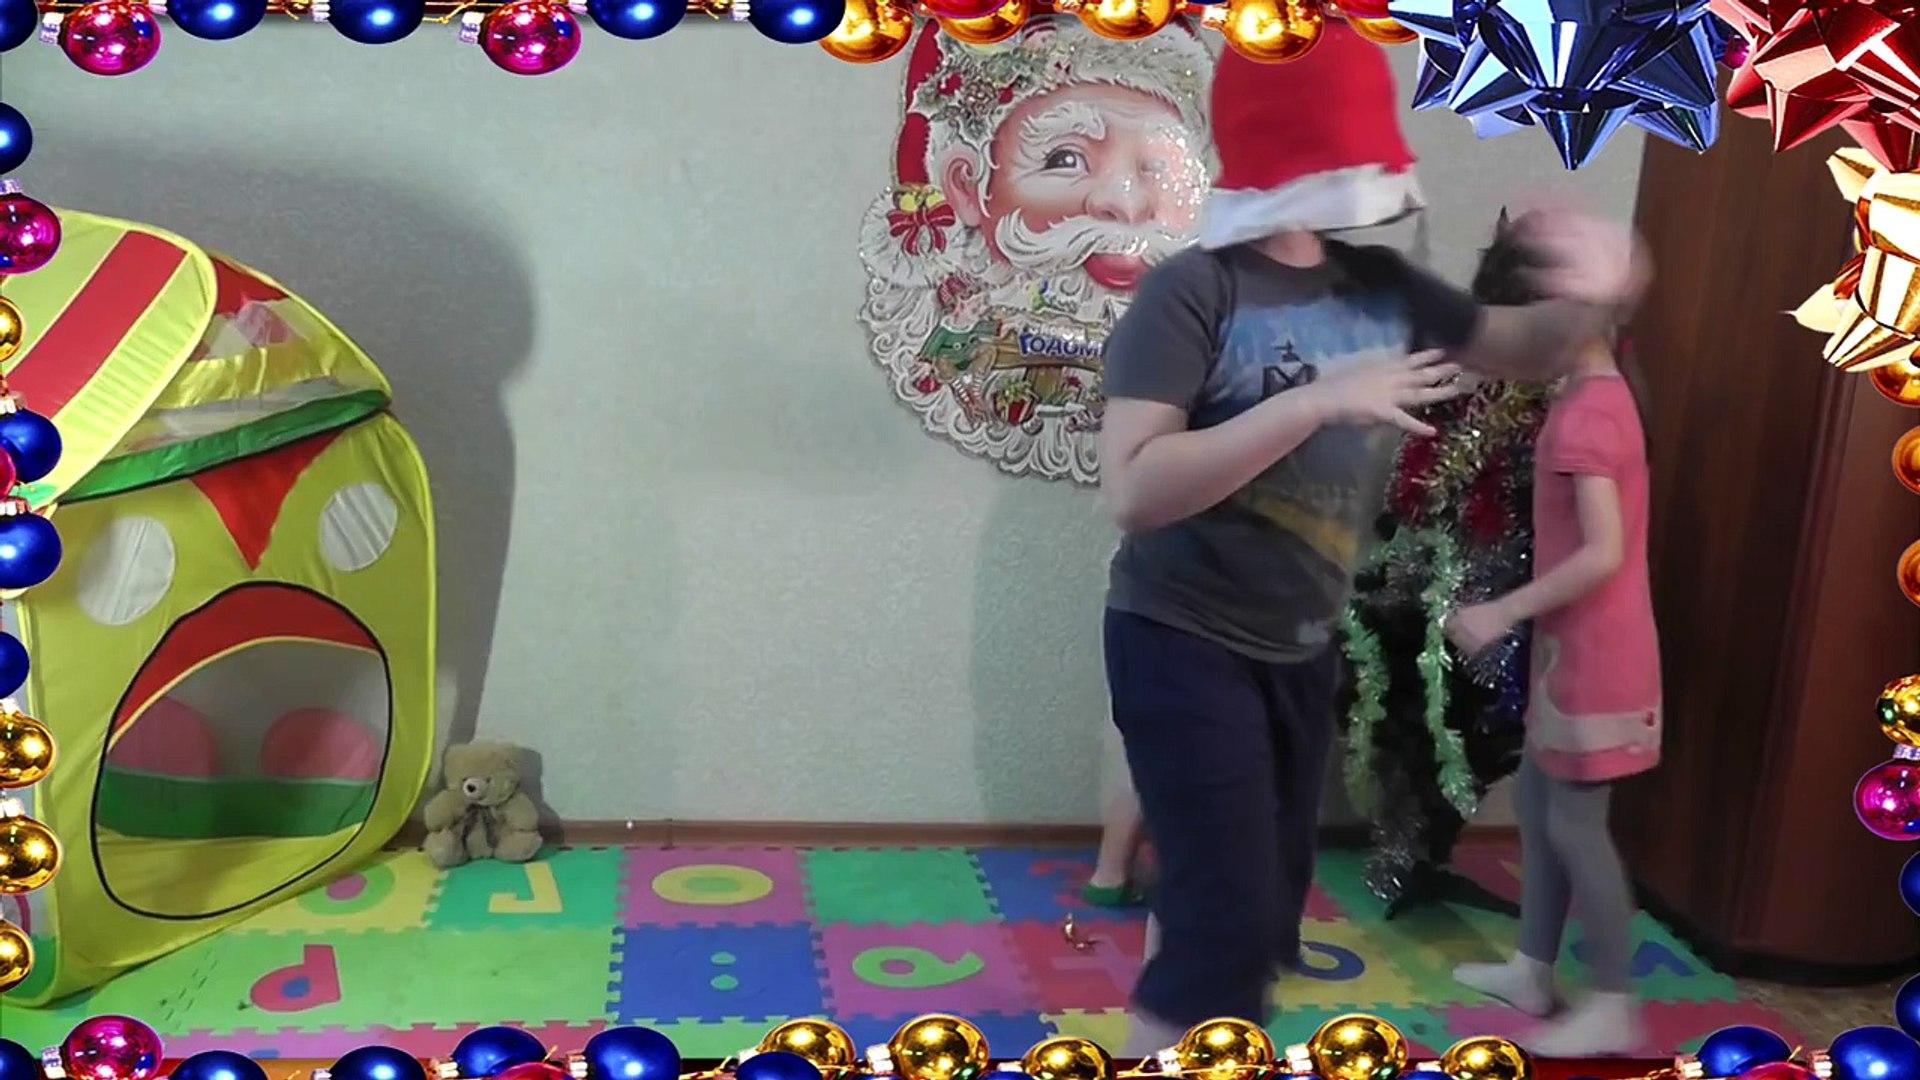 С Новым Годом, танцы, елочка, поздравления / Happy New Year, dancing, Christmas tree